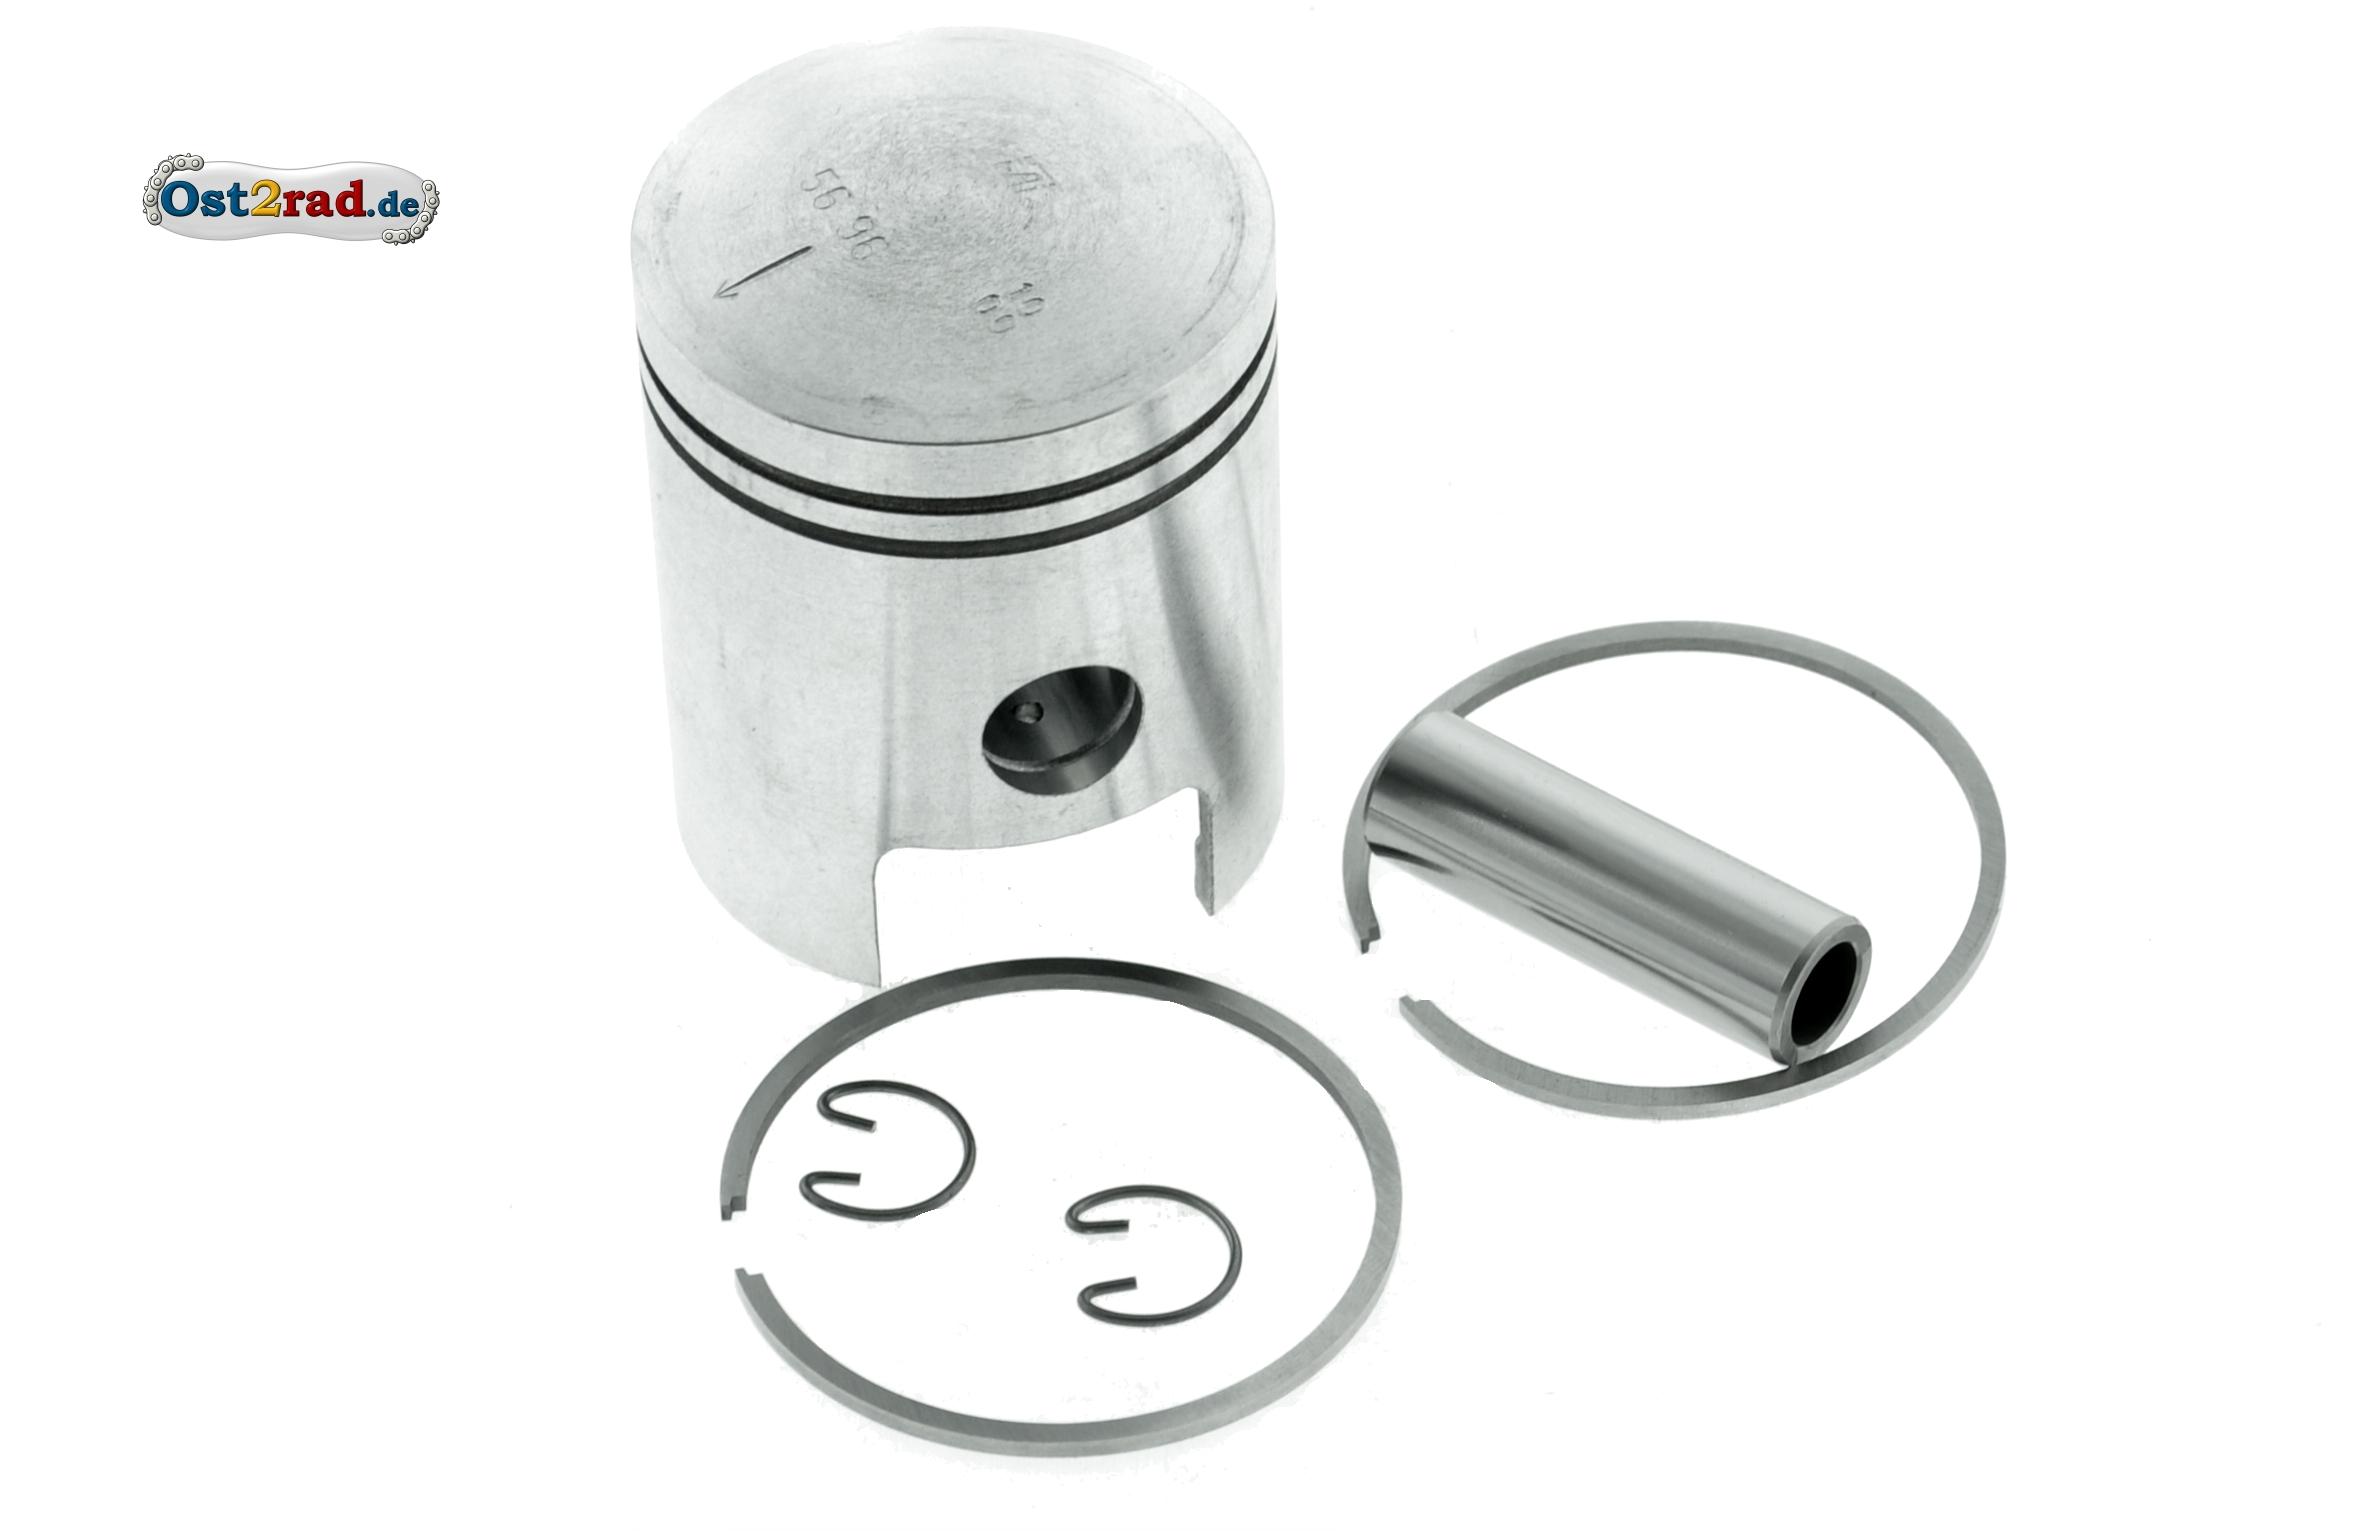 56,50 mm Kolben komplett für MZ ETZ150 originale Materialmischung